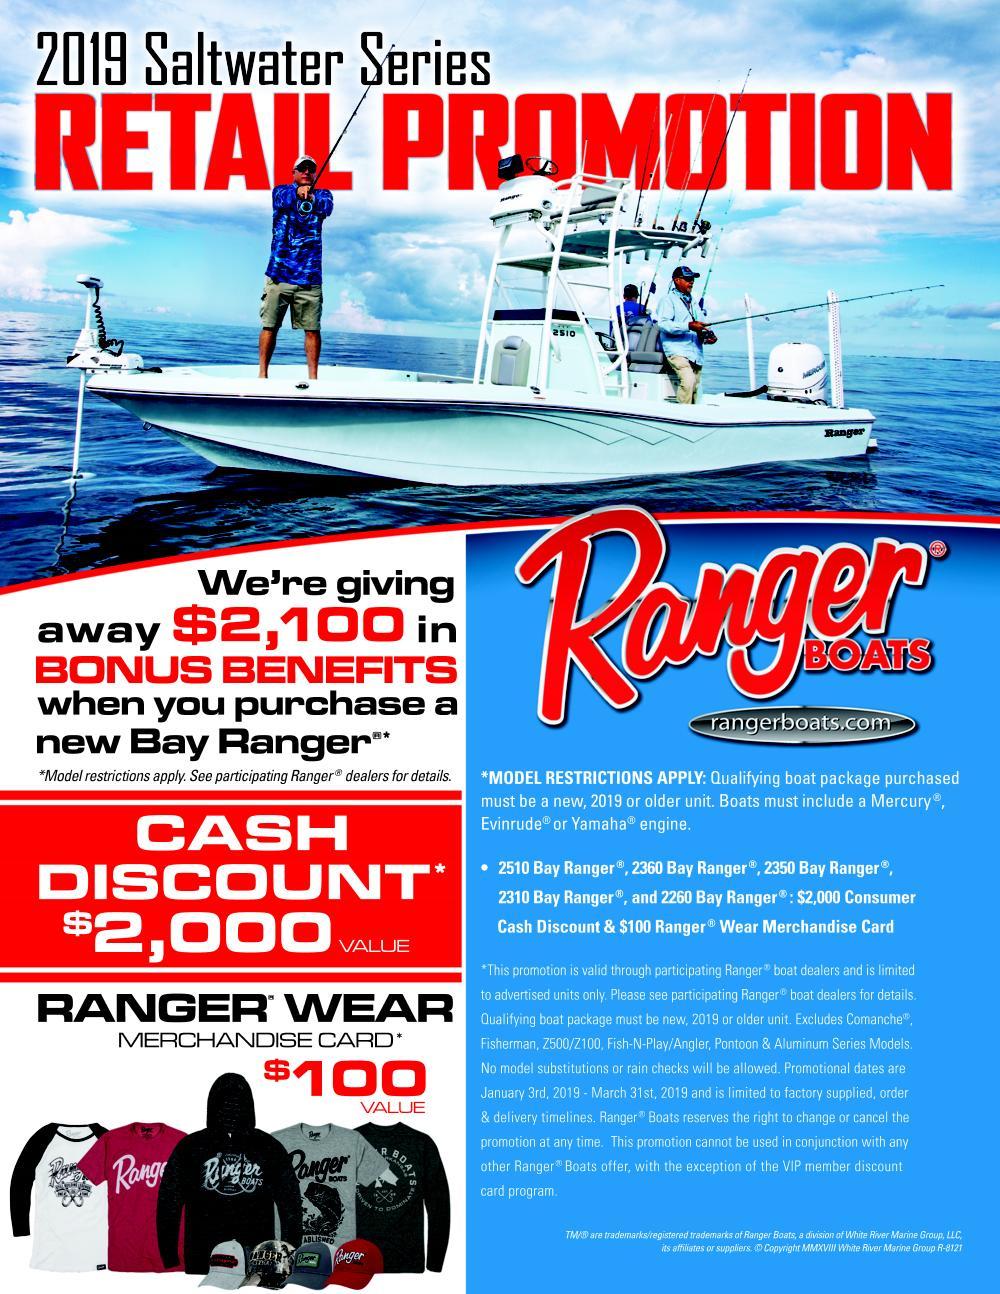 Ranger 2019 Saltwater Series Promotion